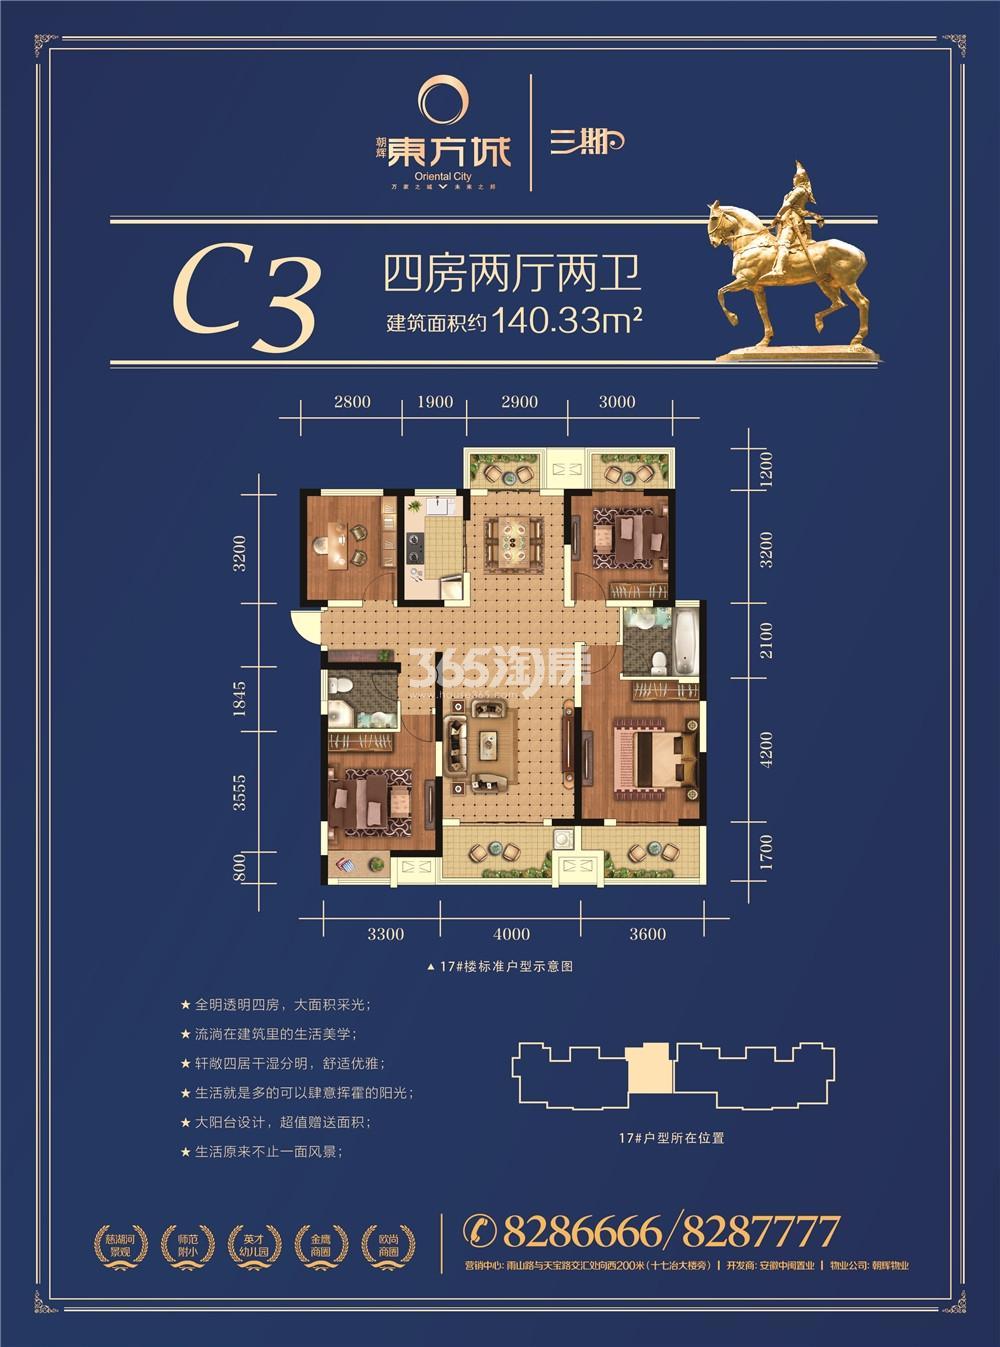 朝辉东方城三期C3户型图